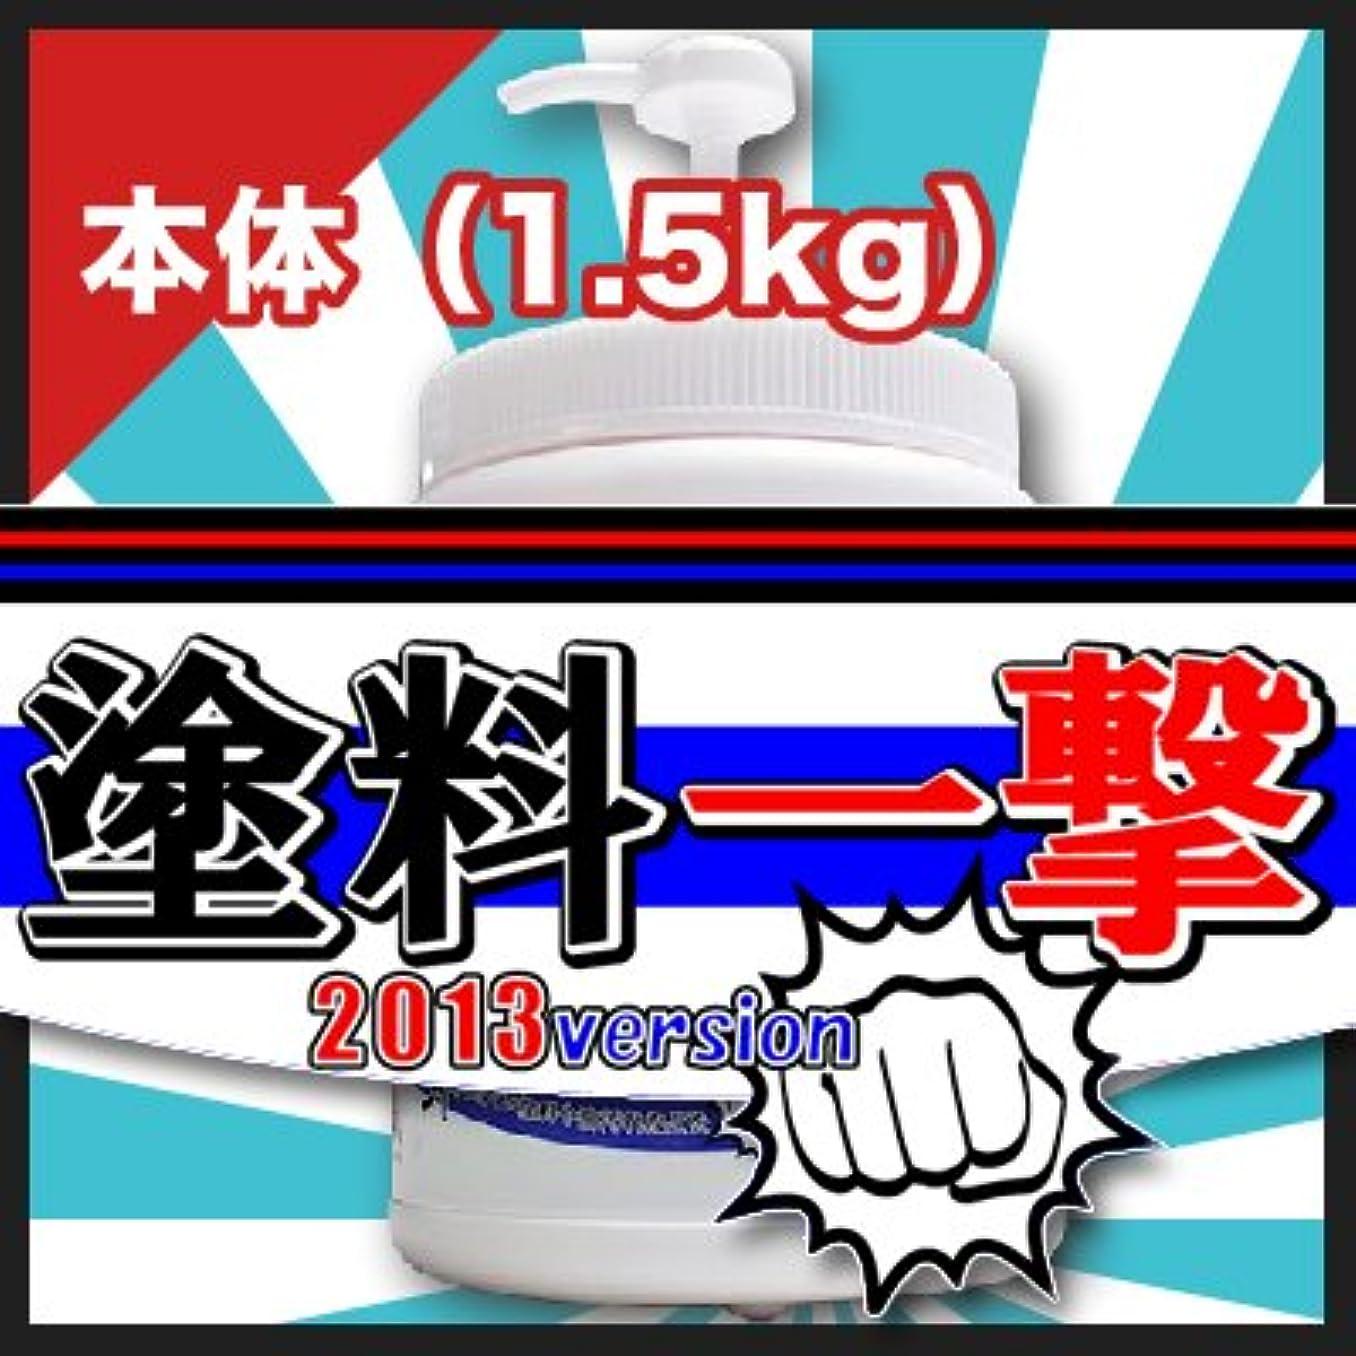 全能インセンティブ思われるD.Iプランニング 塗料一撃 2013 Version 本体 (1.5kg)